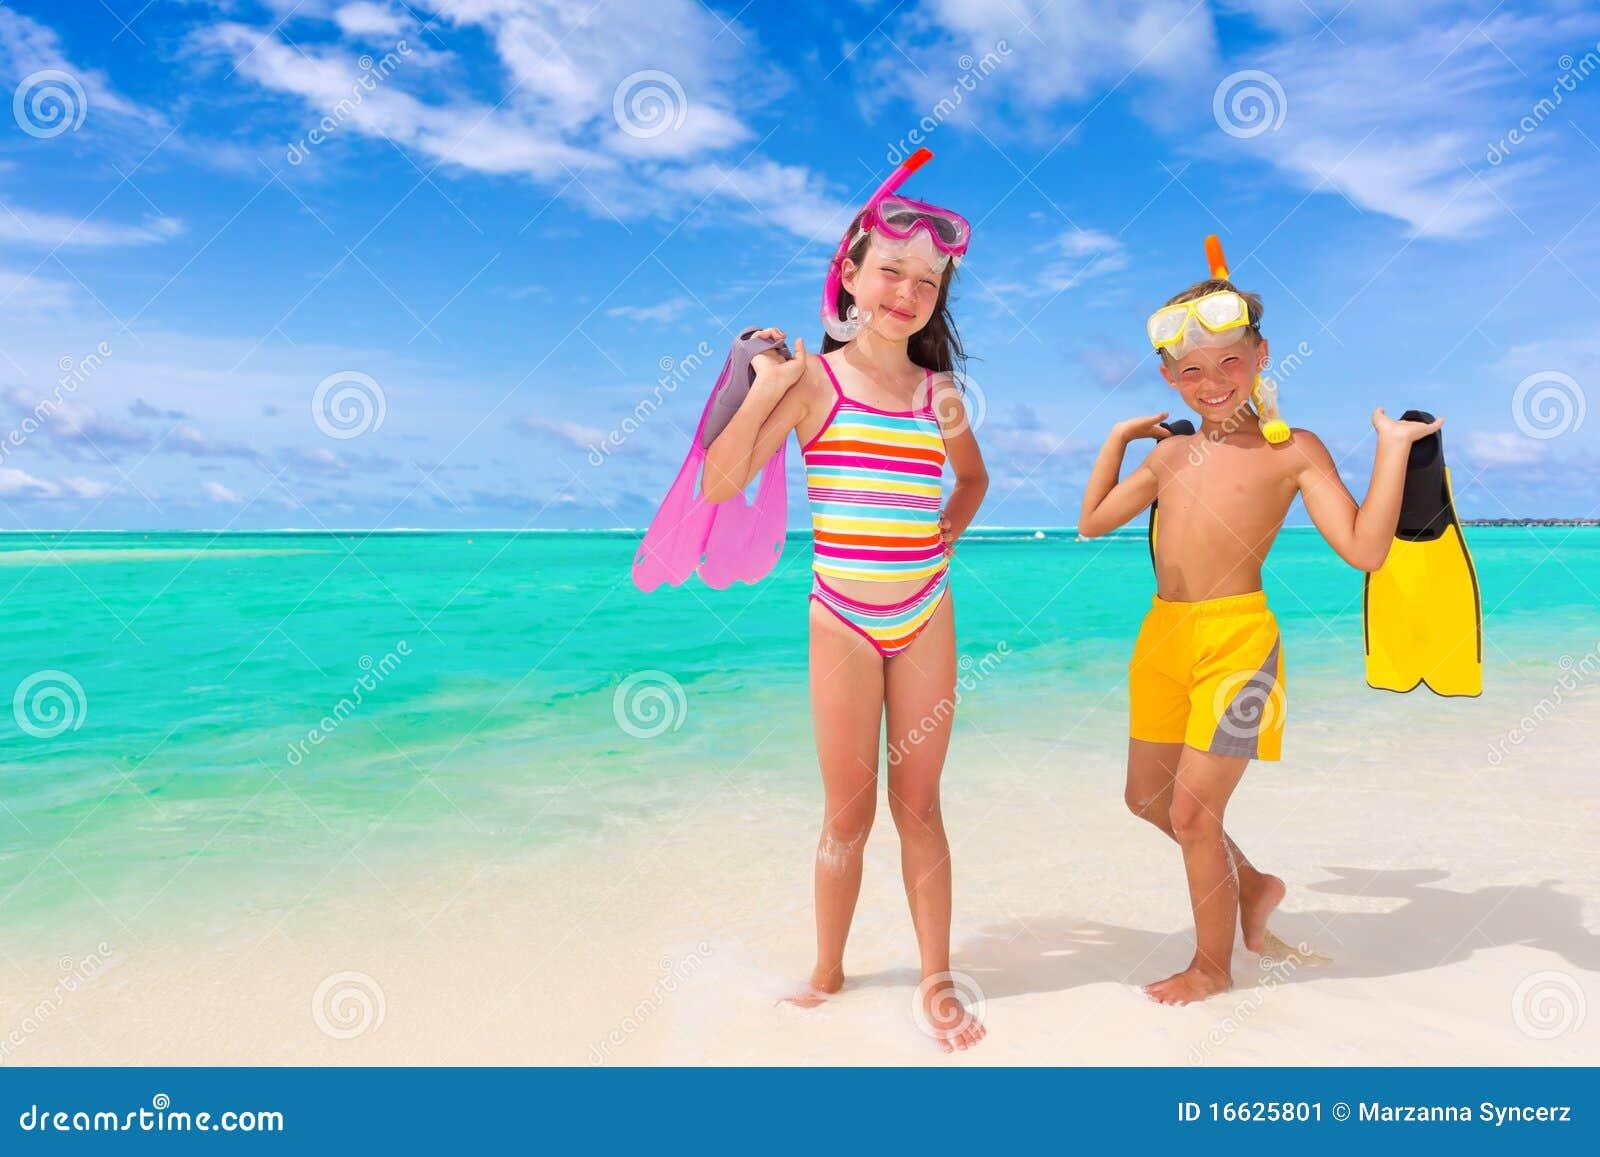 Kinder und Snorkels am Strand